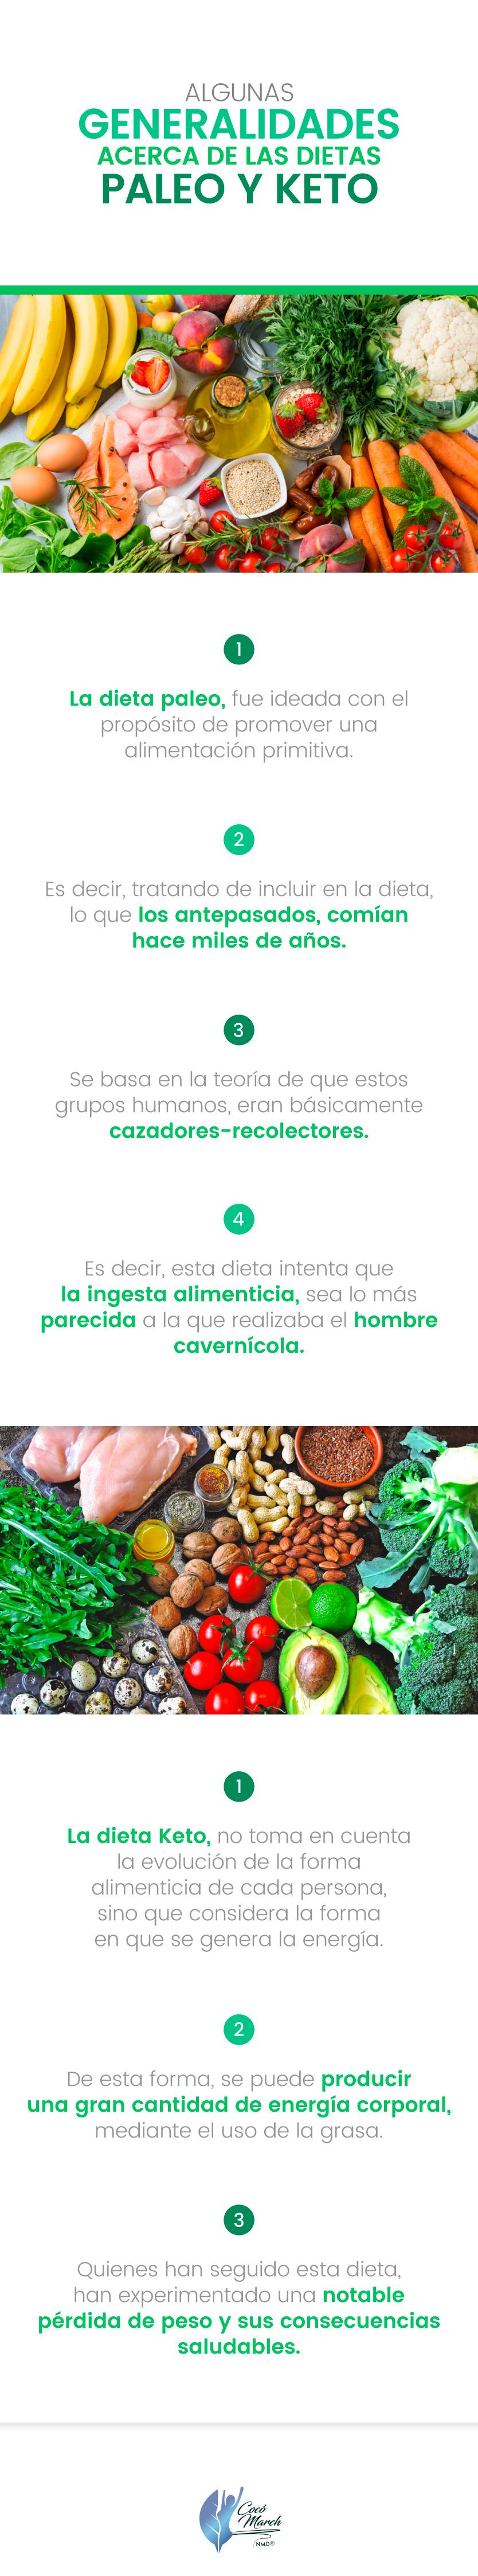 generalidades-de-las-dietas-paleo-y-keto